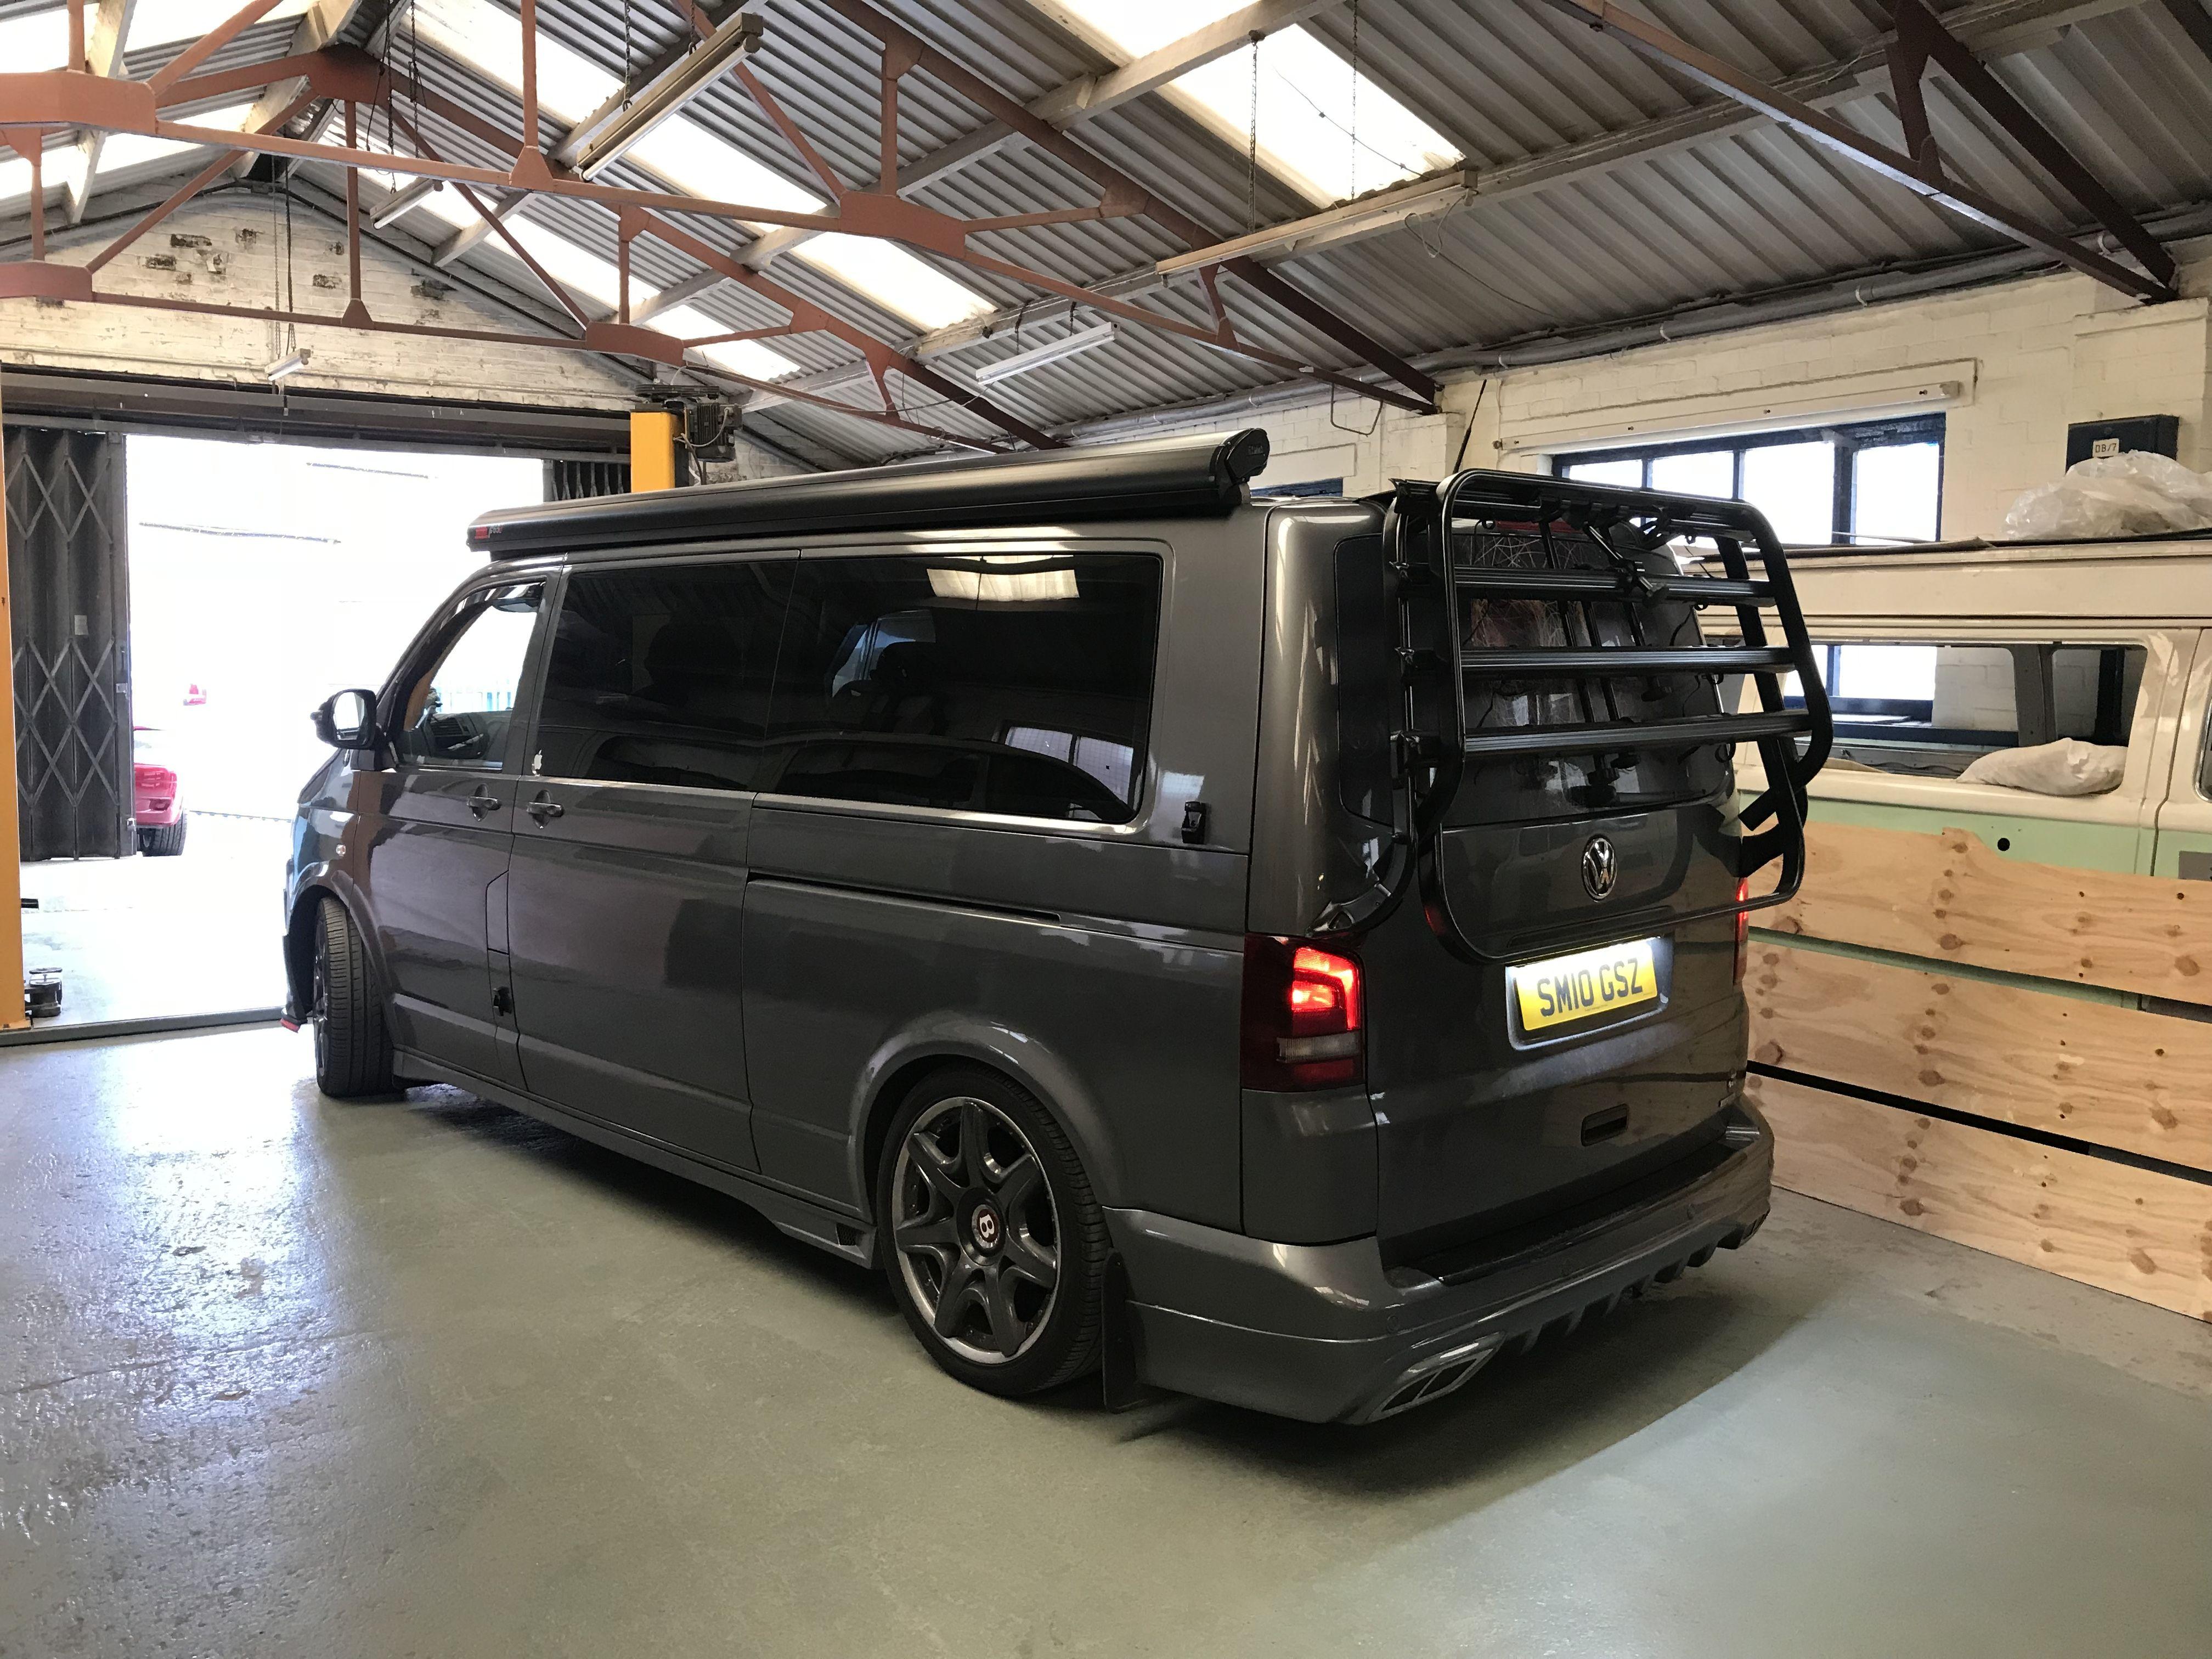 vw t5 custom t5 vw t5 campervan vw transporter camper. Black Bedroom Furniture Sets. Home Design Ideas